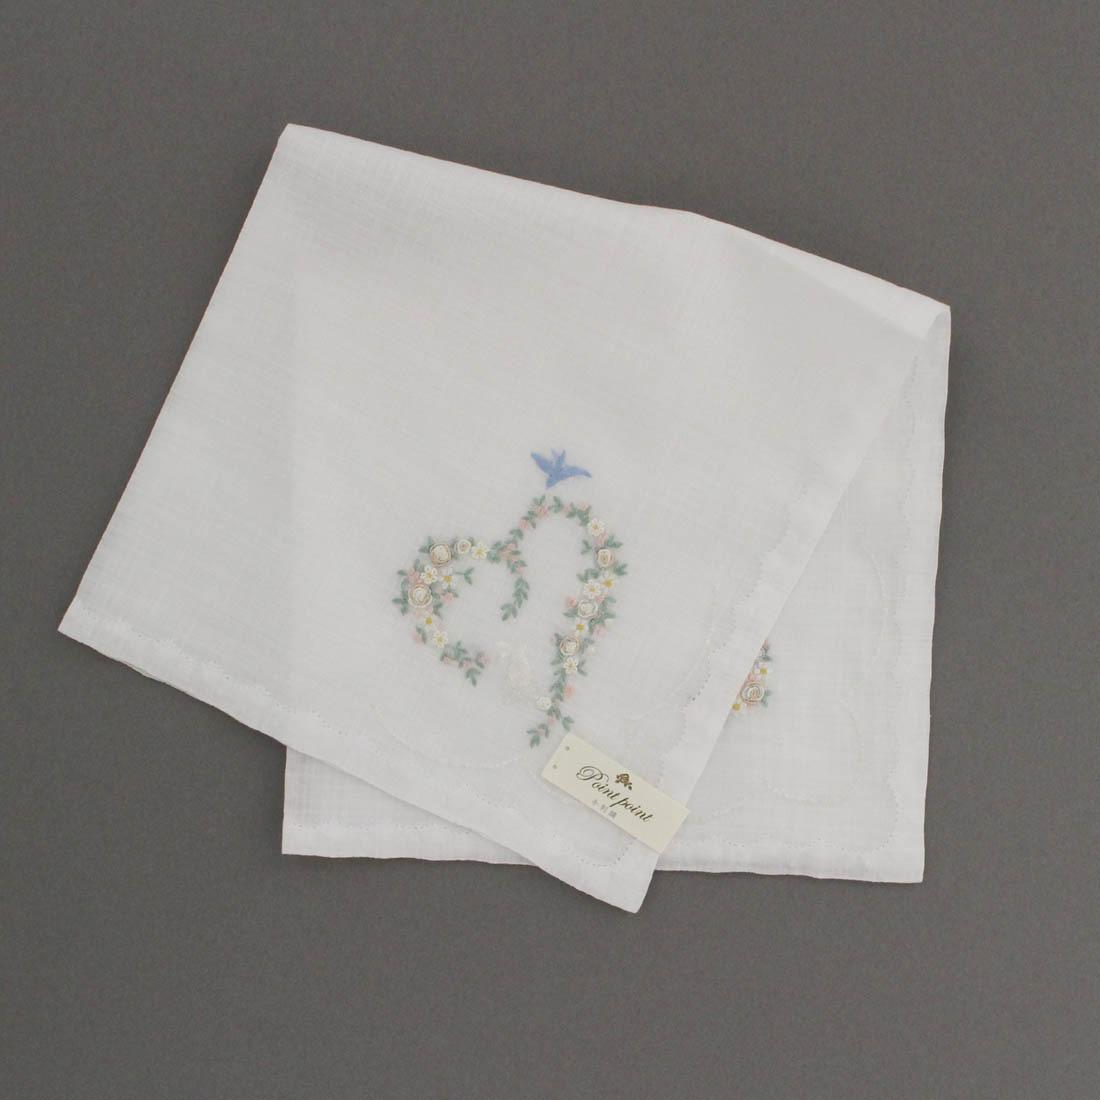 ポワンポワン ベトナム手刺繍ハンカチ 6223-10 ホワイト